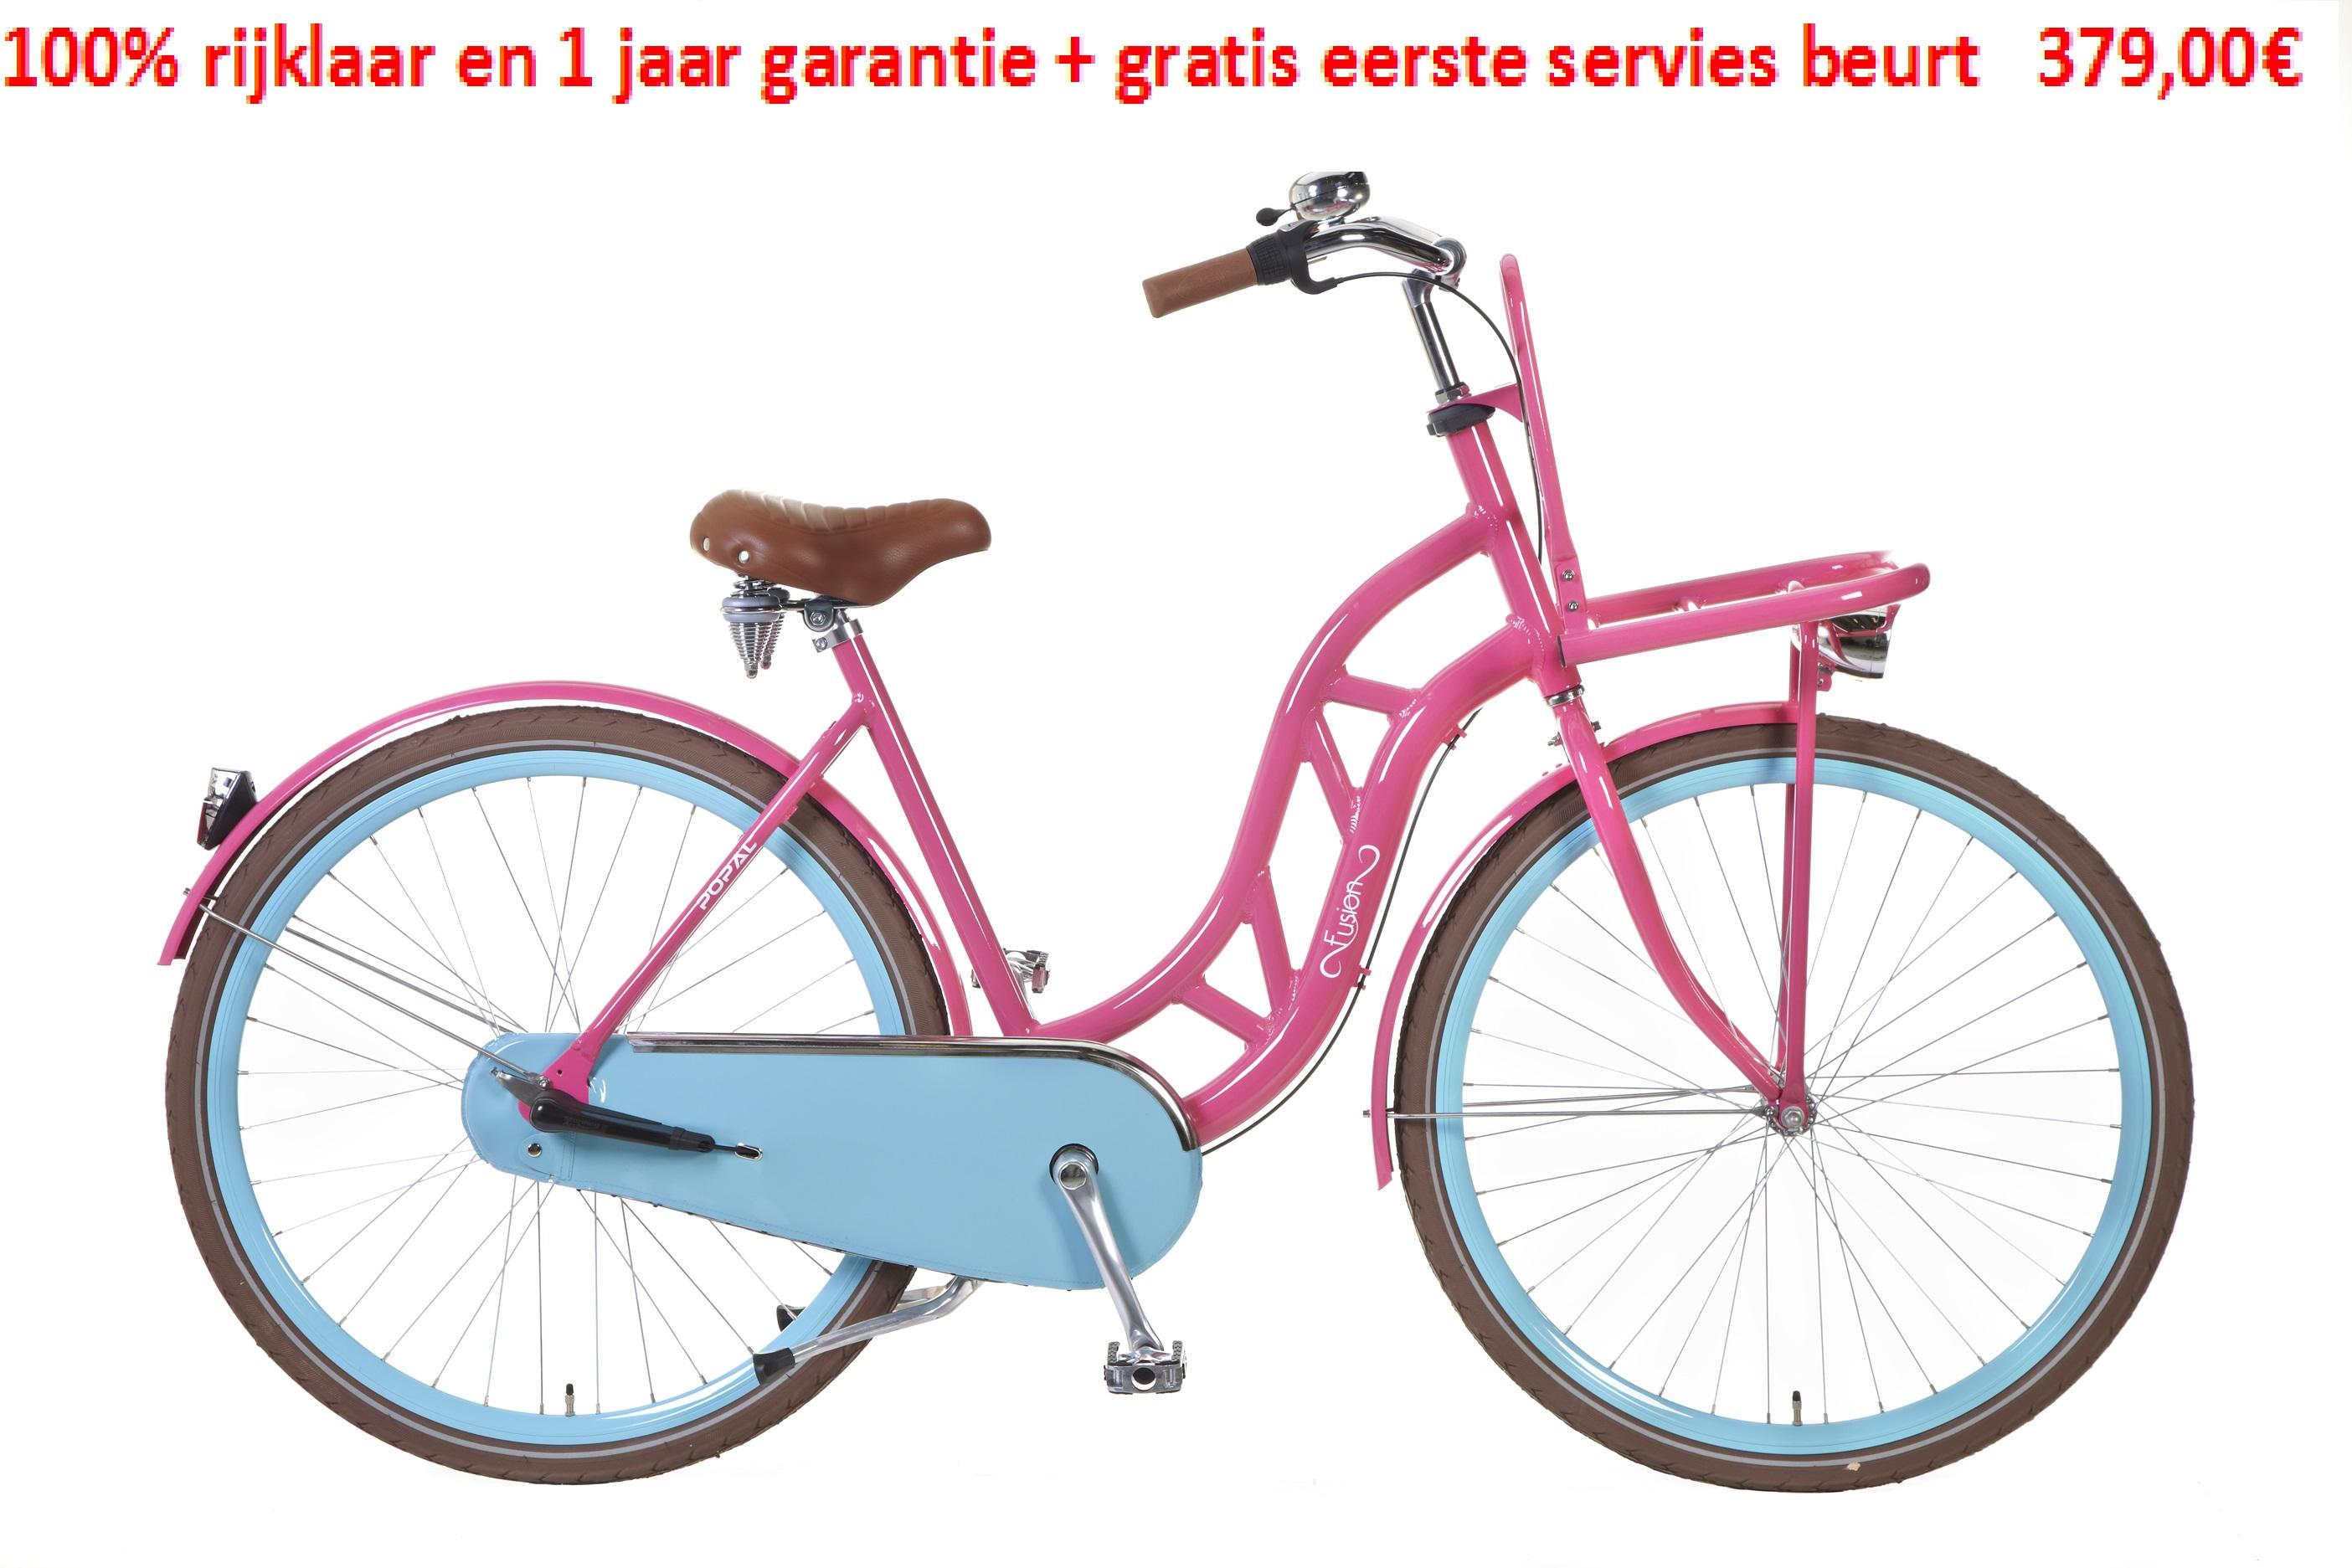 TransportfietsSturmey Archer 3 (gripshift)100% rijklaar en 1 jaar garantie + gratis eerste servies beurt   379,00€